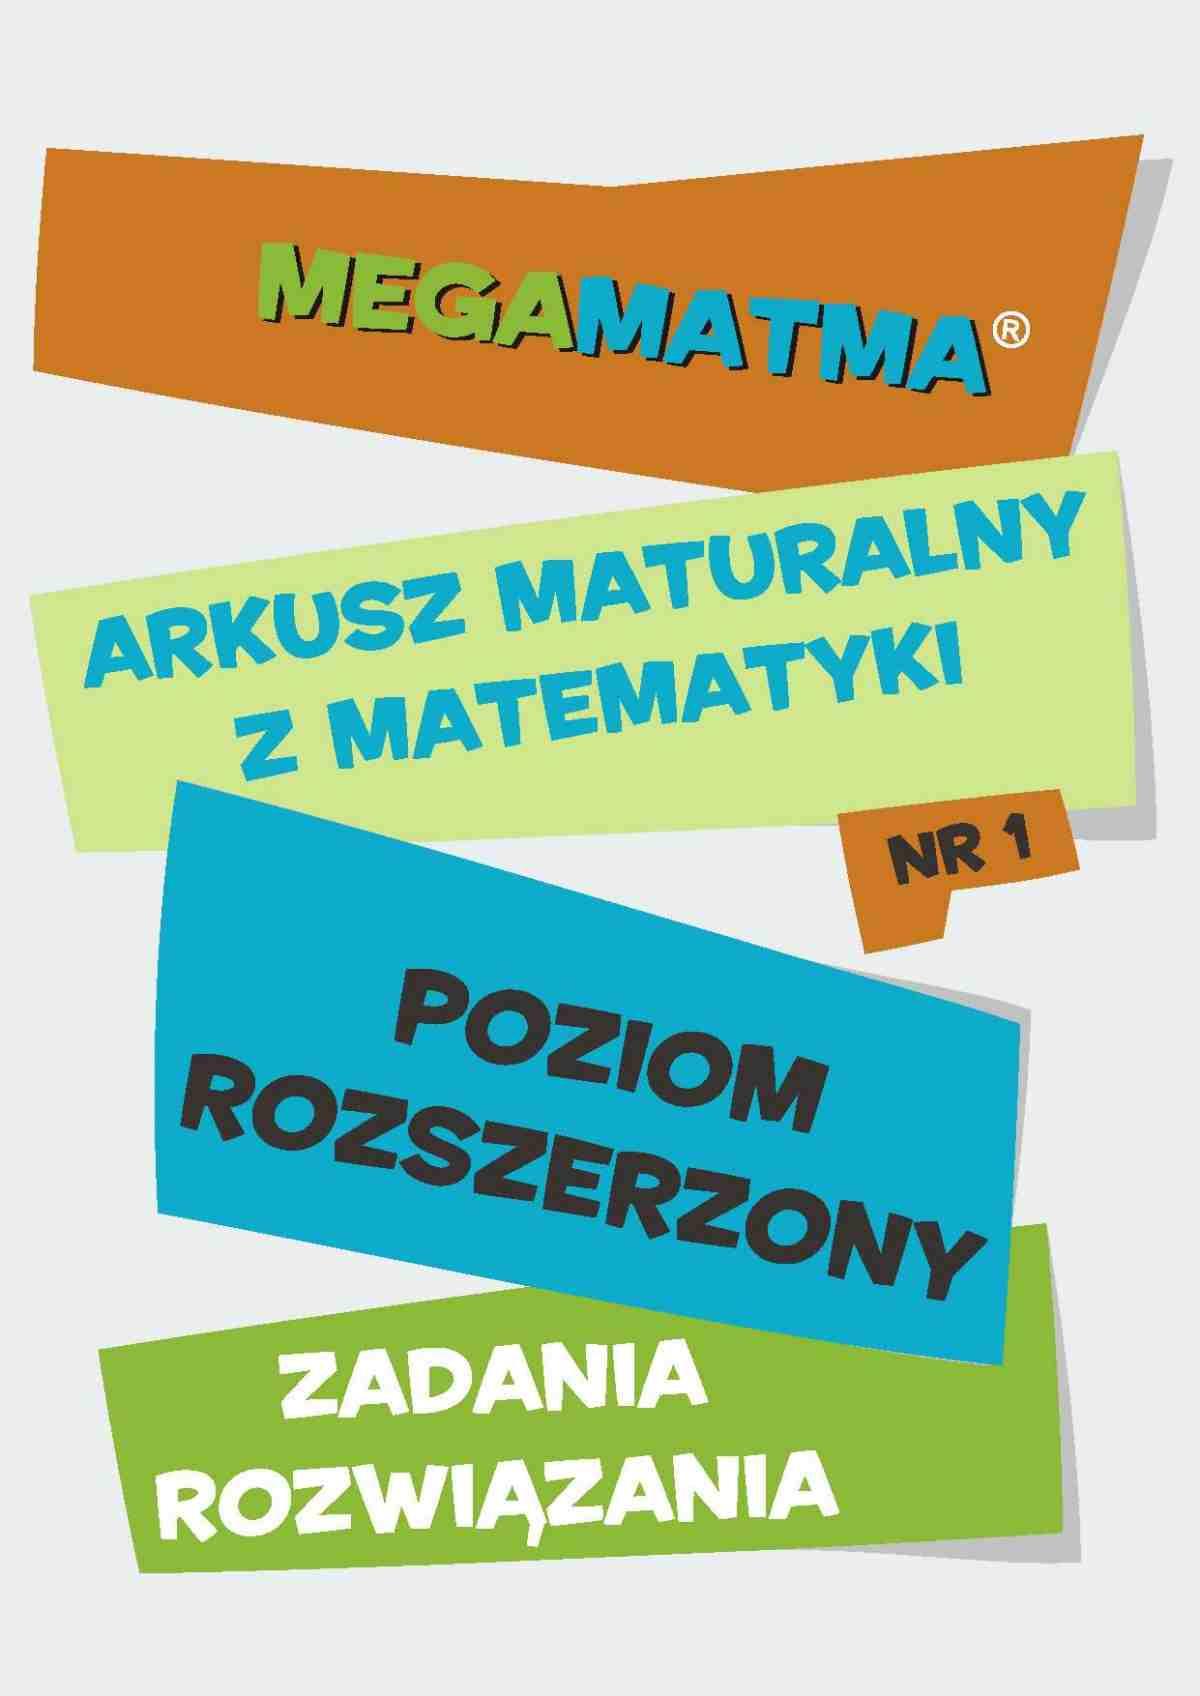 Matematyka-Arkusz maturalny. MegaMatma nr 1. Poziom rozszerzony. Zadania z rozwiązaniami. - Ebook (Książka PDF) do pobrania w formacie PDF